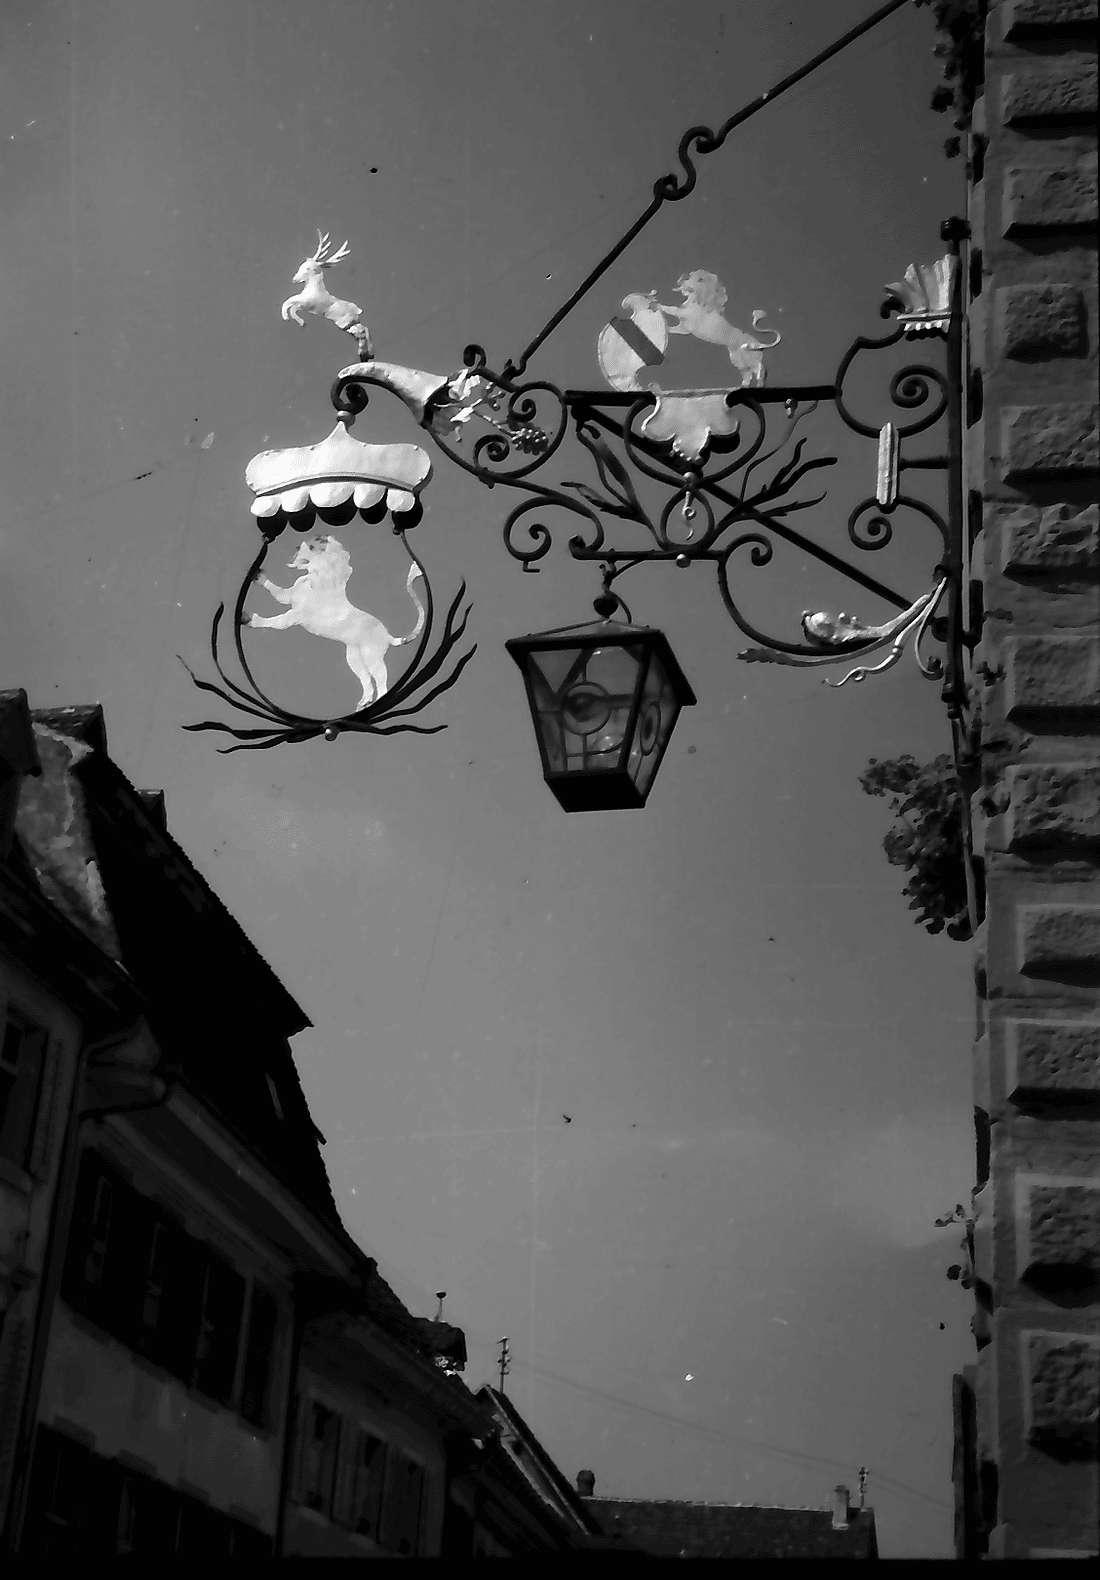 Staufen: Aushängeschild am Wirtshaus Fauststube, Bild 1